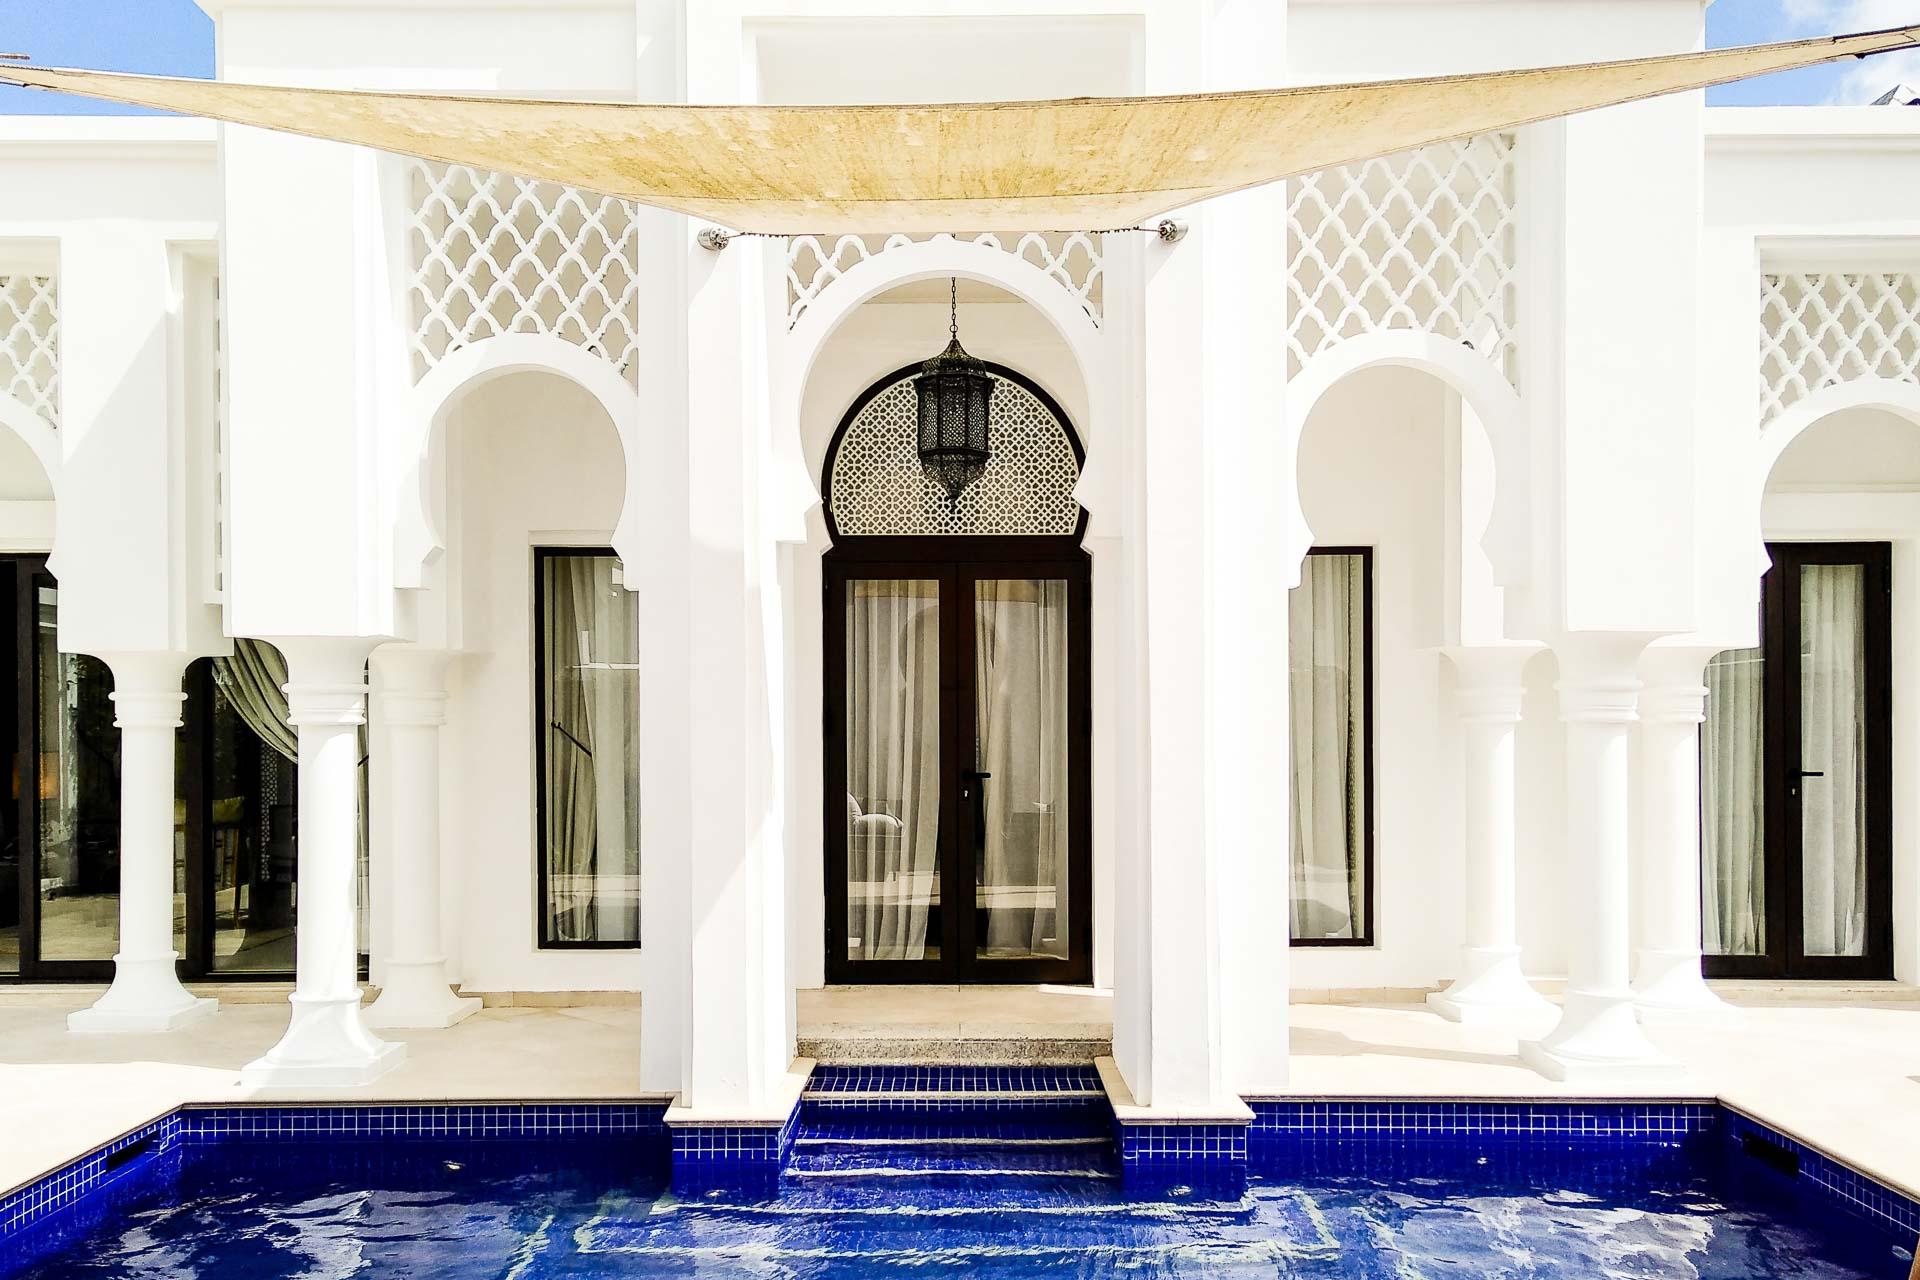 Non loin de Tanger, dans le Nord du Maroc, le somptueux Banyan Tree Tamouda Bay - inauguré en 2016 - offre un luxe inédit sur le pourtour méditerranéen. Chaque hôte y réside dans une immense villa... avec piscine privée !